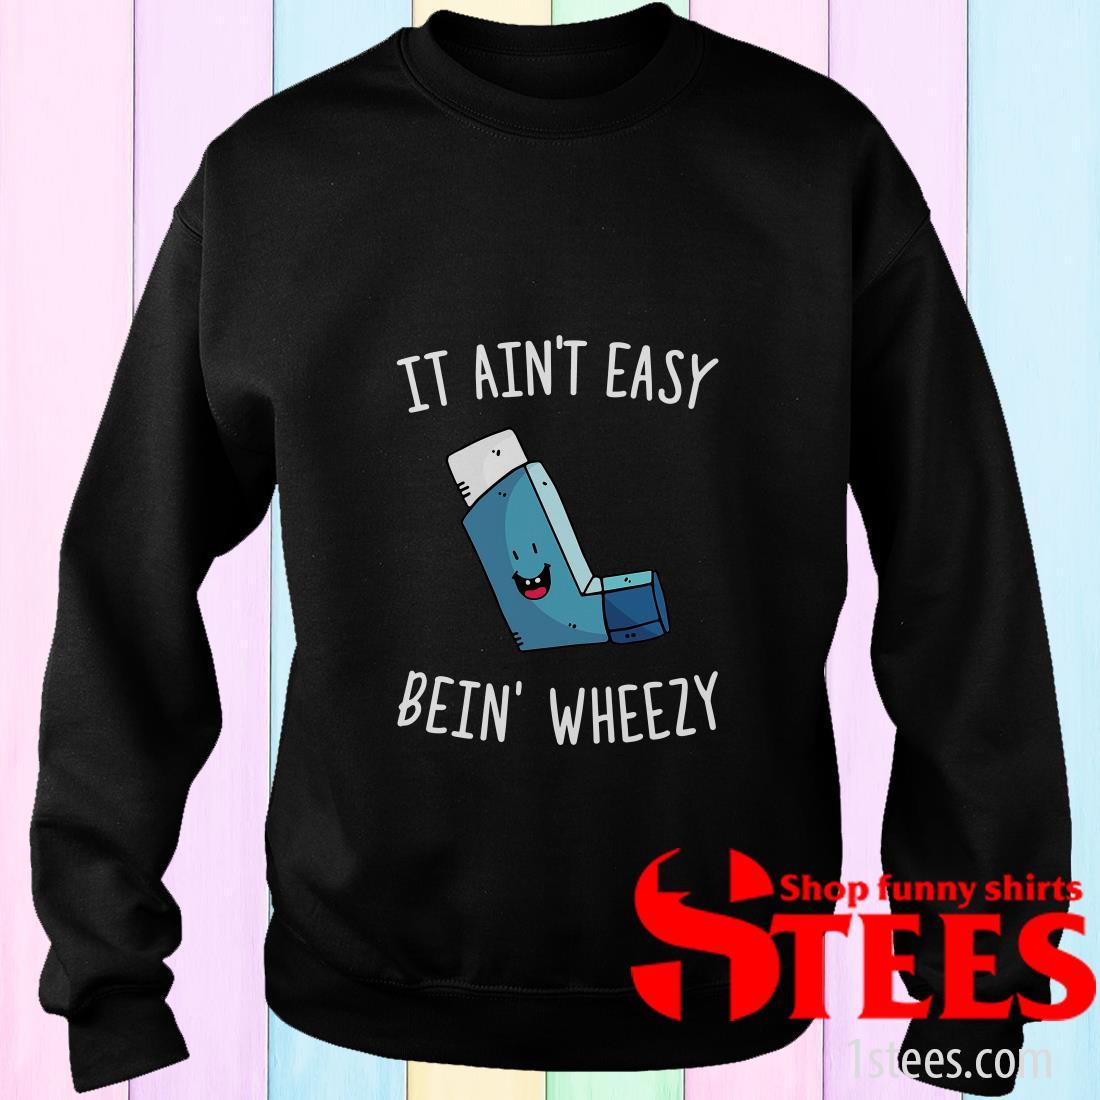 It Ain't Easy Bein' Wheezy Sweater